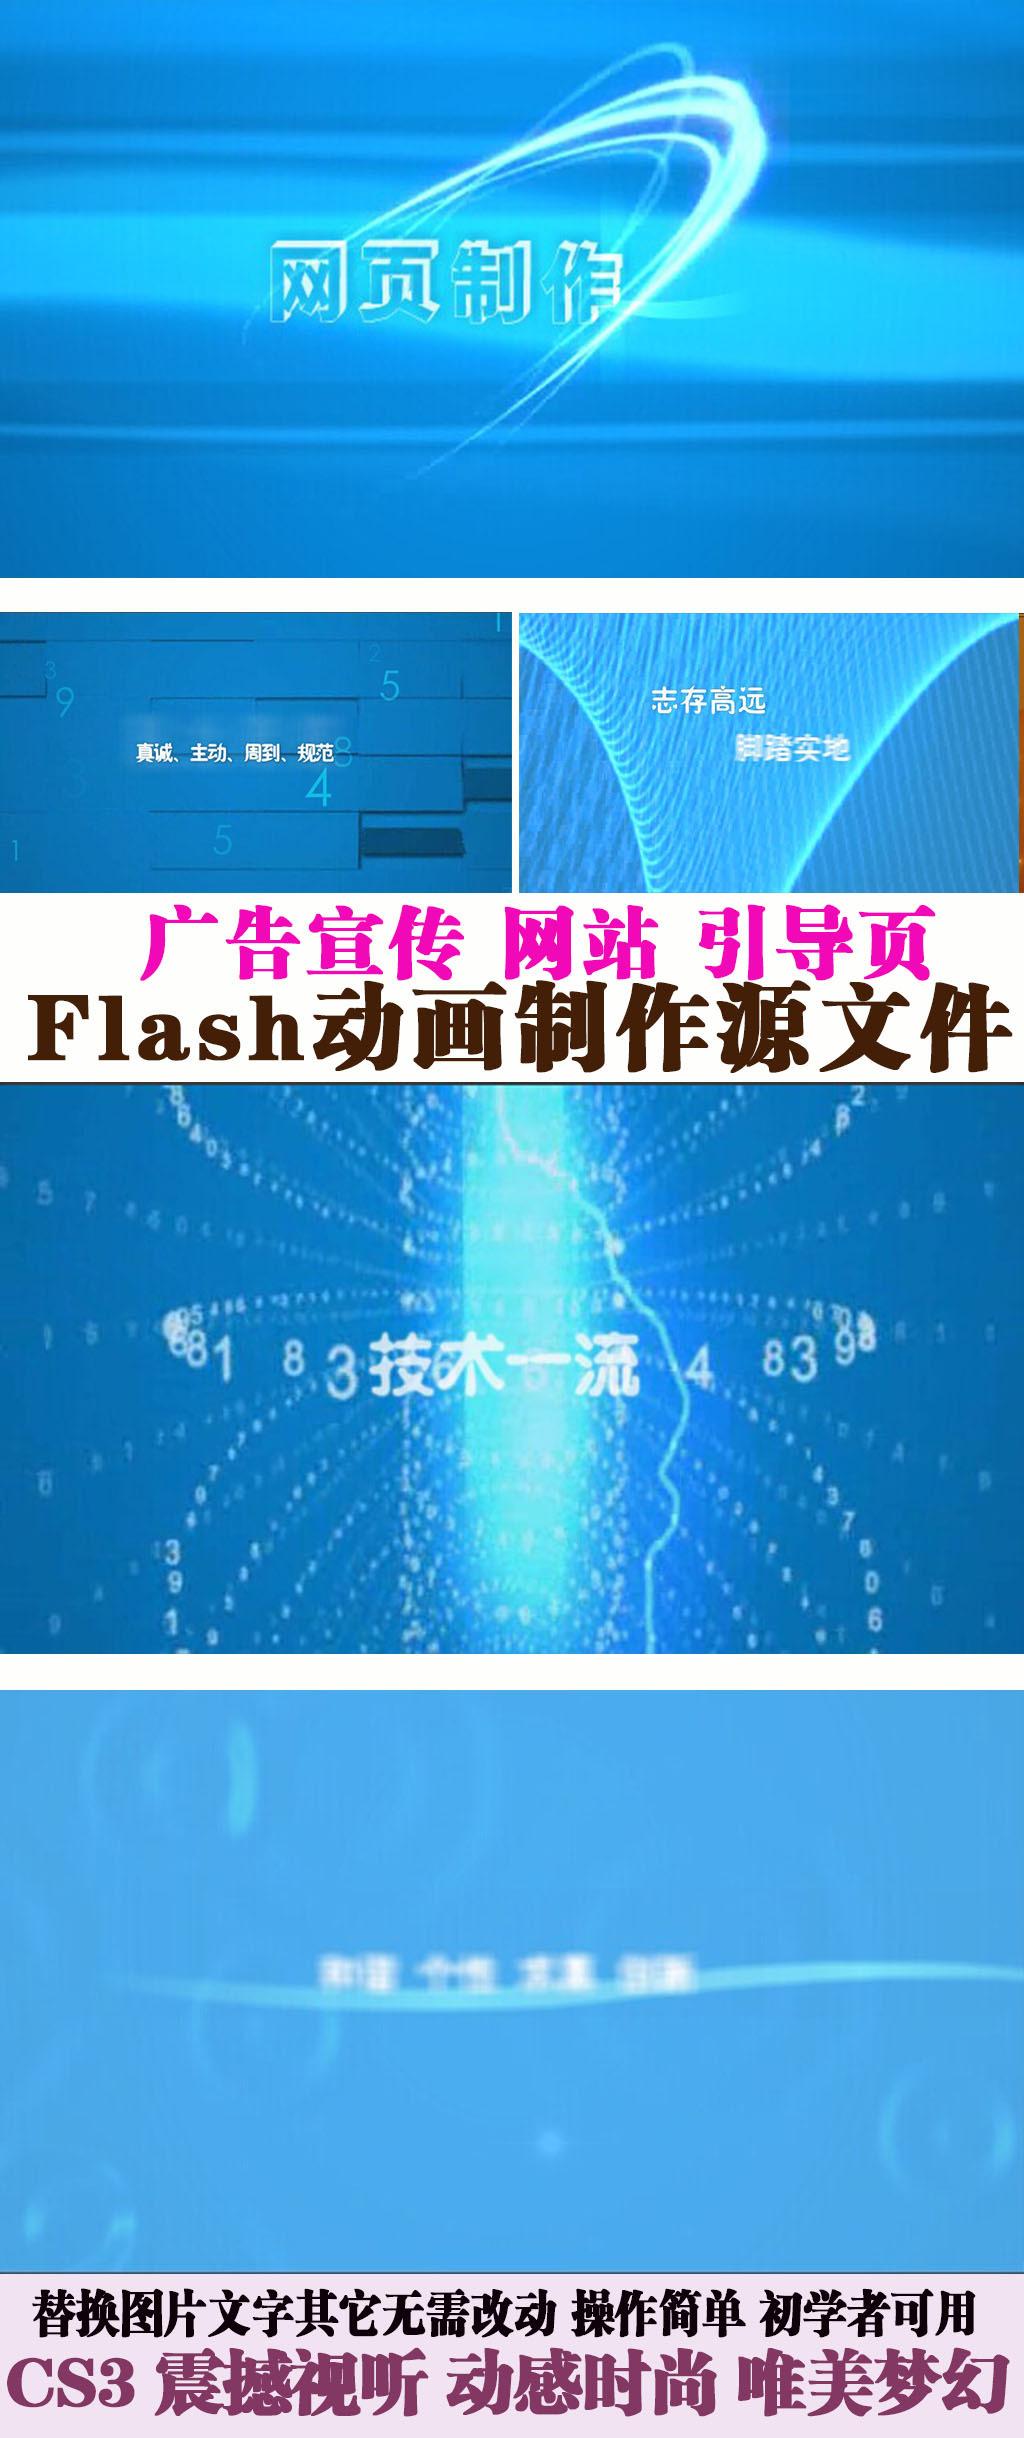 蓝色光影数字线条广告宣传flash模板模板下载(图片:)